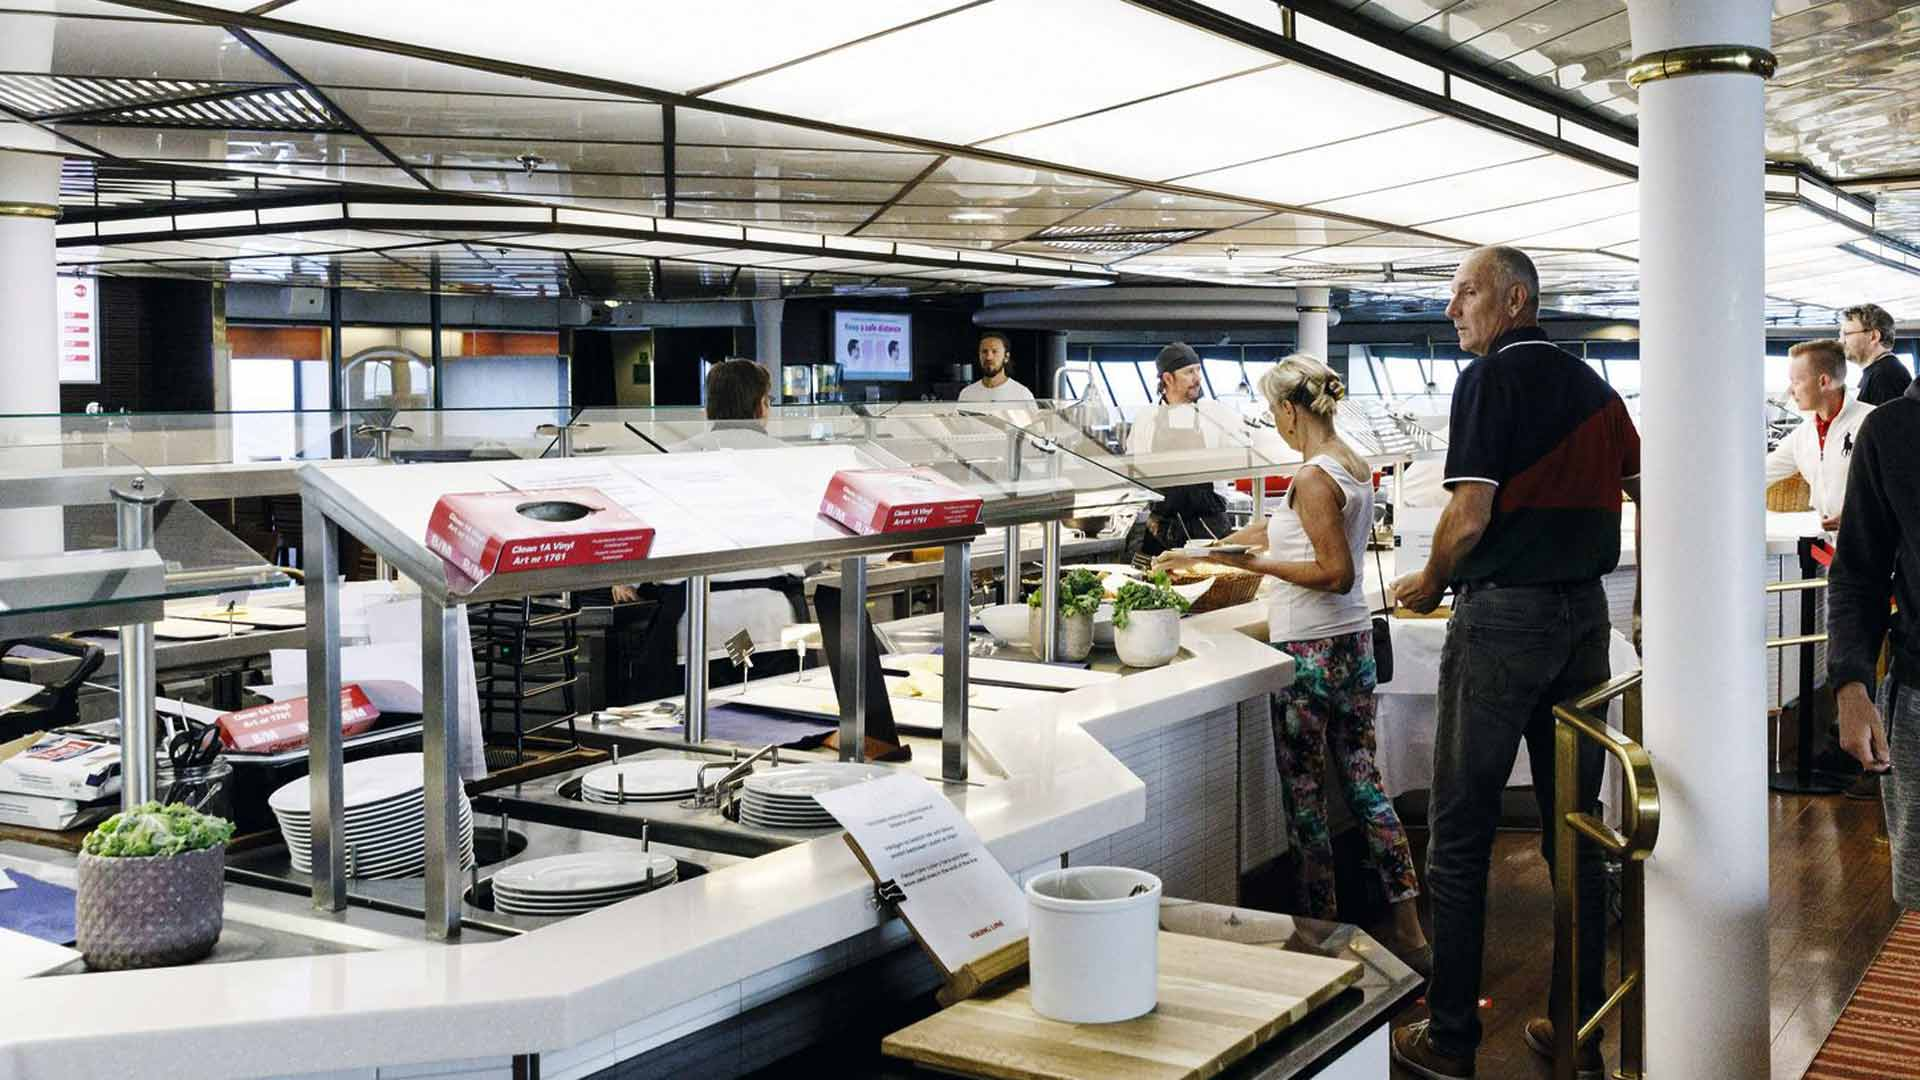 Turvallisessa buffetissa ruokaottimia ei jaeta, eikä ruoka ole isoissa astioissa altistumassa ihmismassoilla.